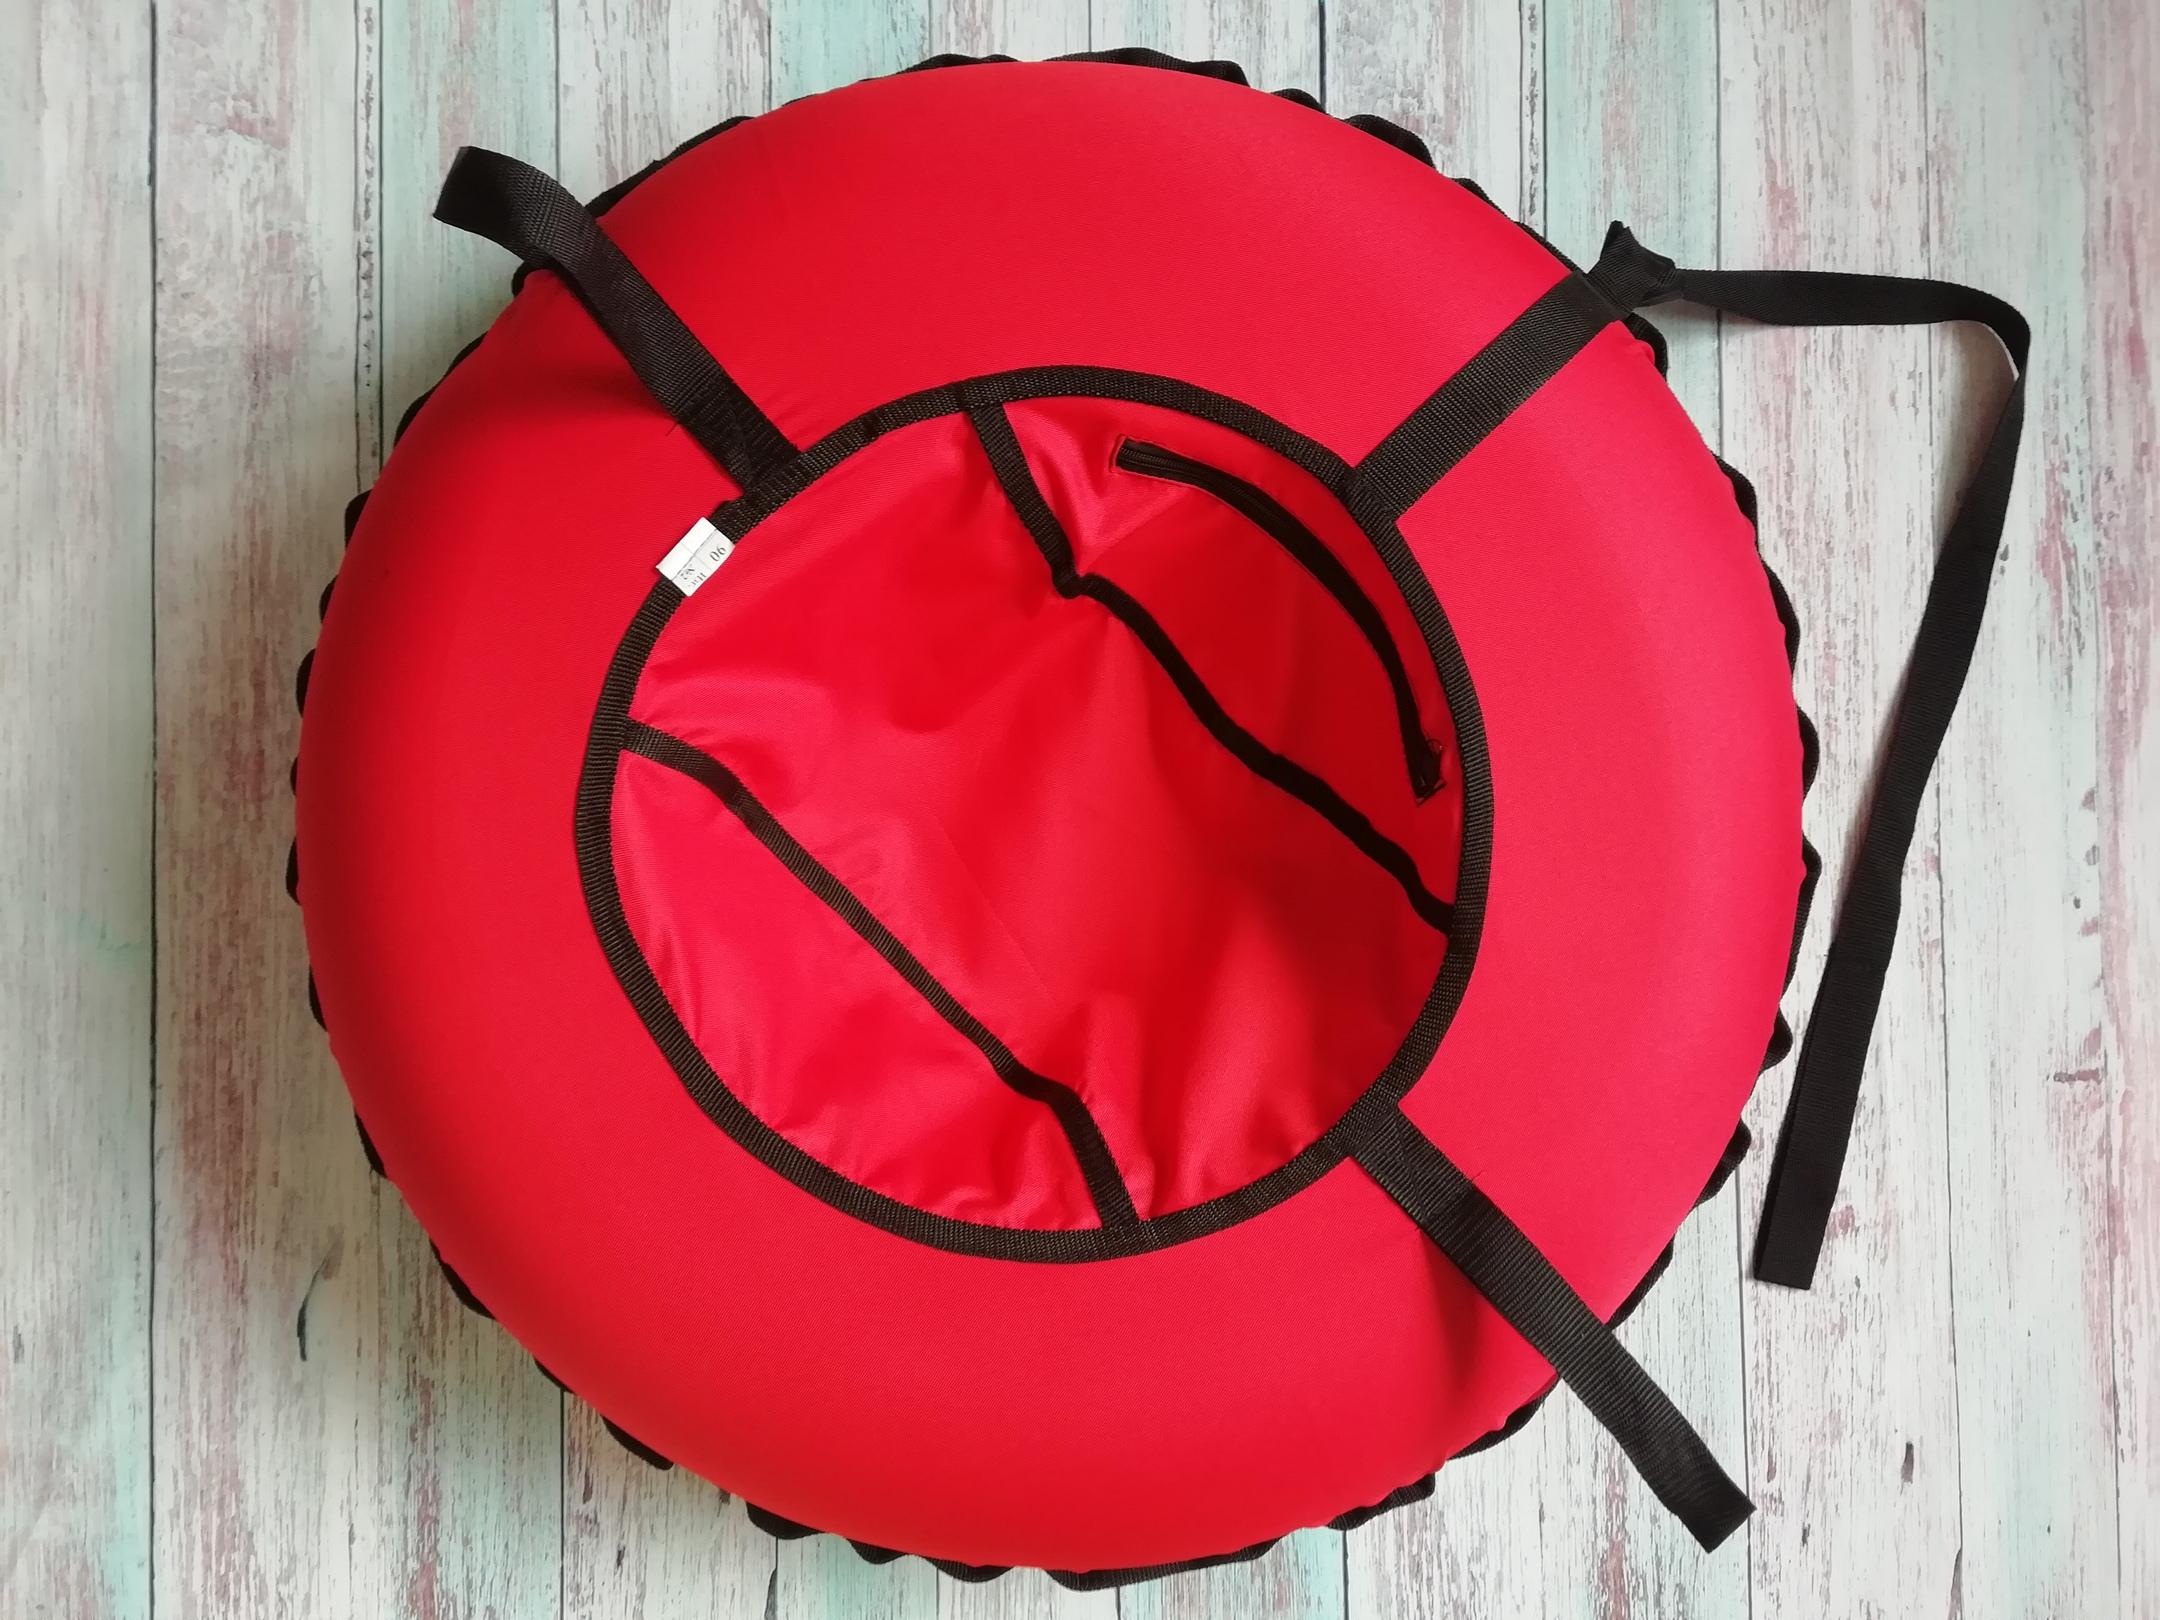 Купить надувные санки ватрушку тюбинг сноутьюб подушку плюшку в Самаре вконтакте